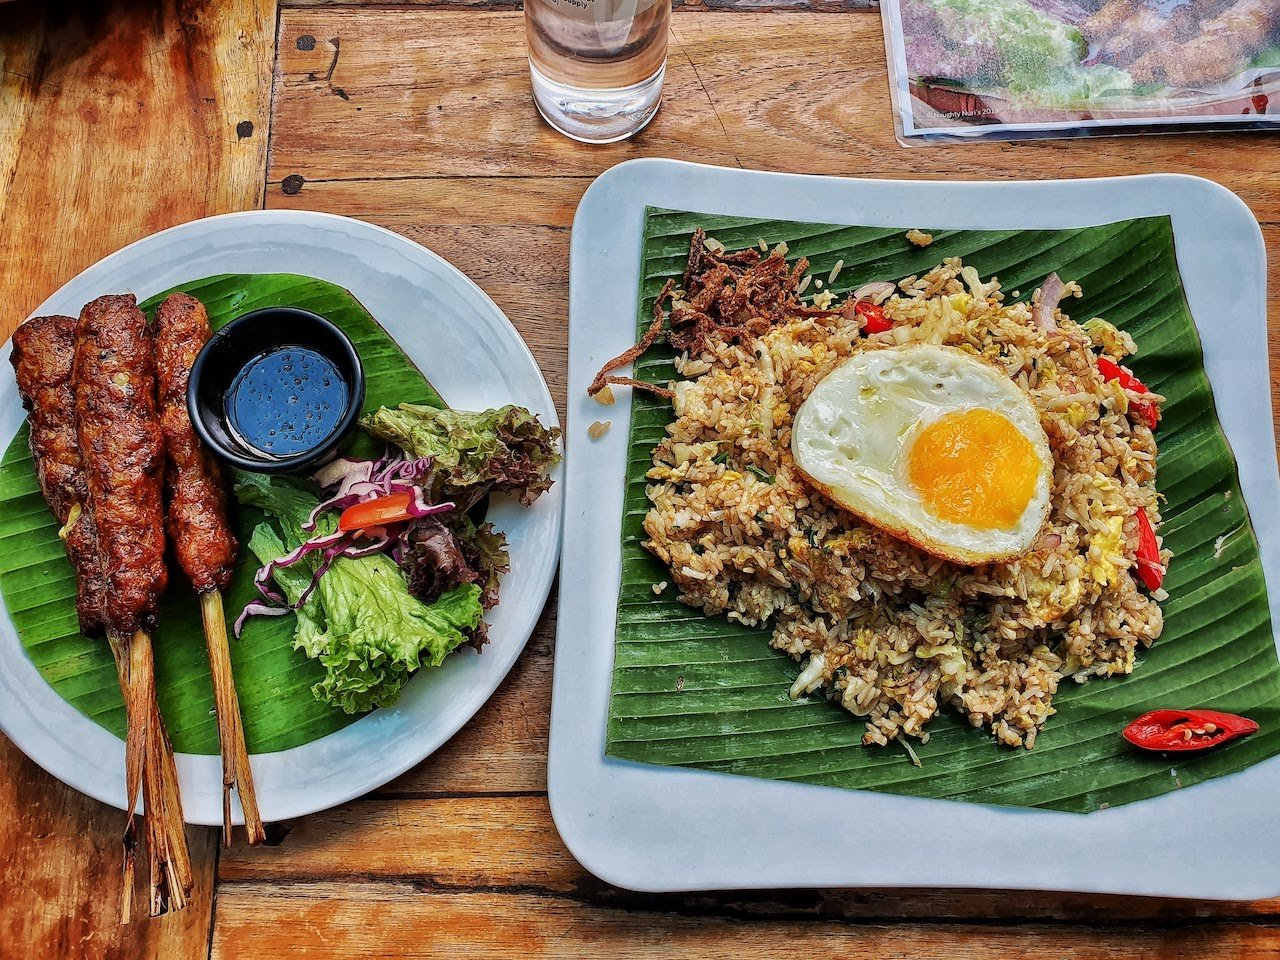 kuala lumpur food nasi goreng